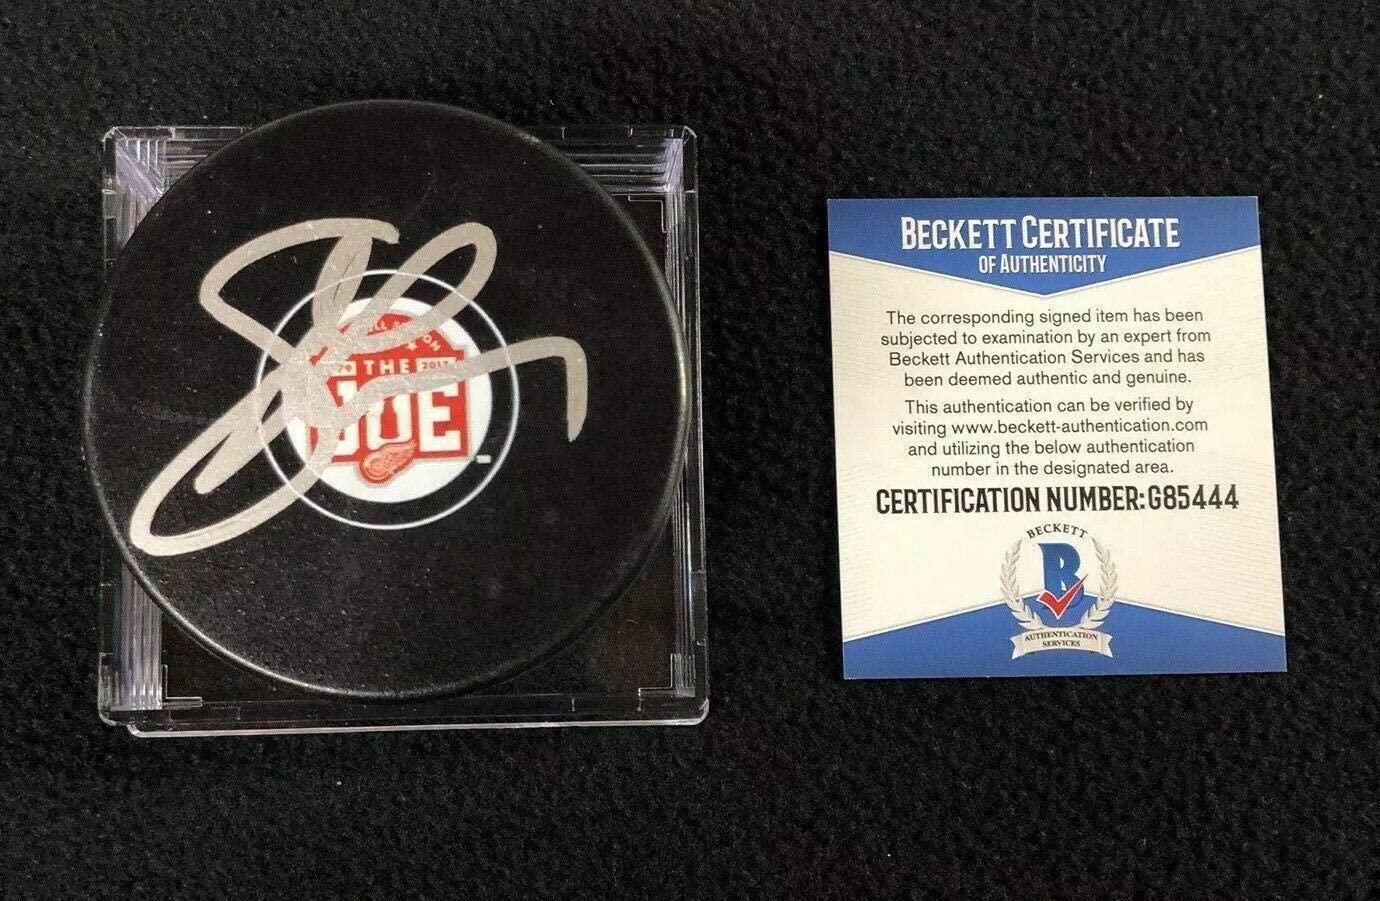 Steve Yzerman Signed Joe Louis Arena Farewell Puck Detroit Red Wings Beckett COA - Beckett Authentication